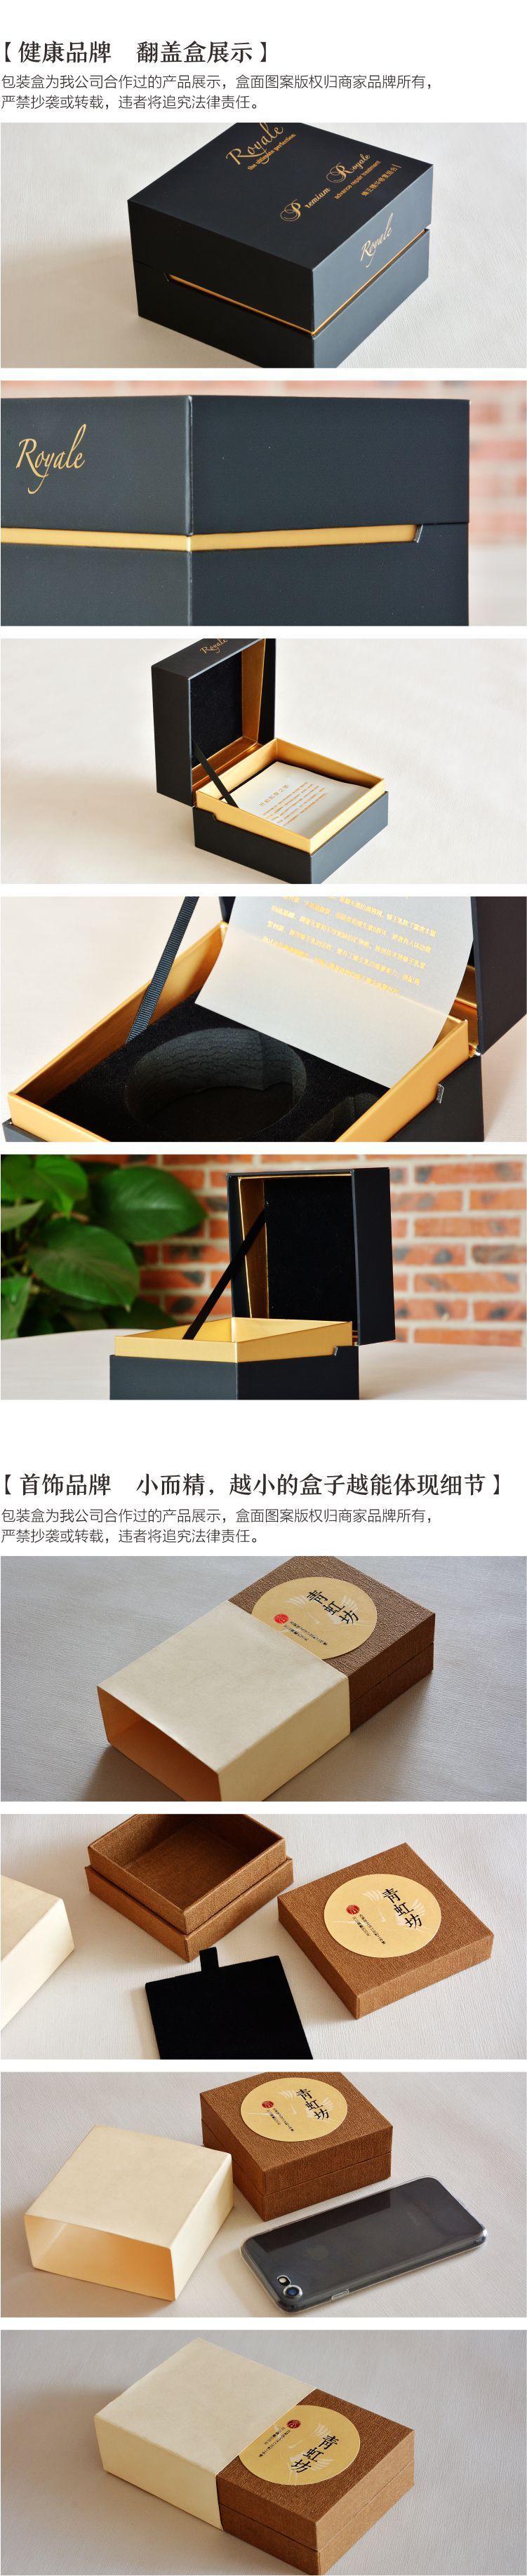 博创北京包装设计厂家高端首饰礼品盒案例